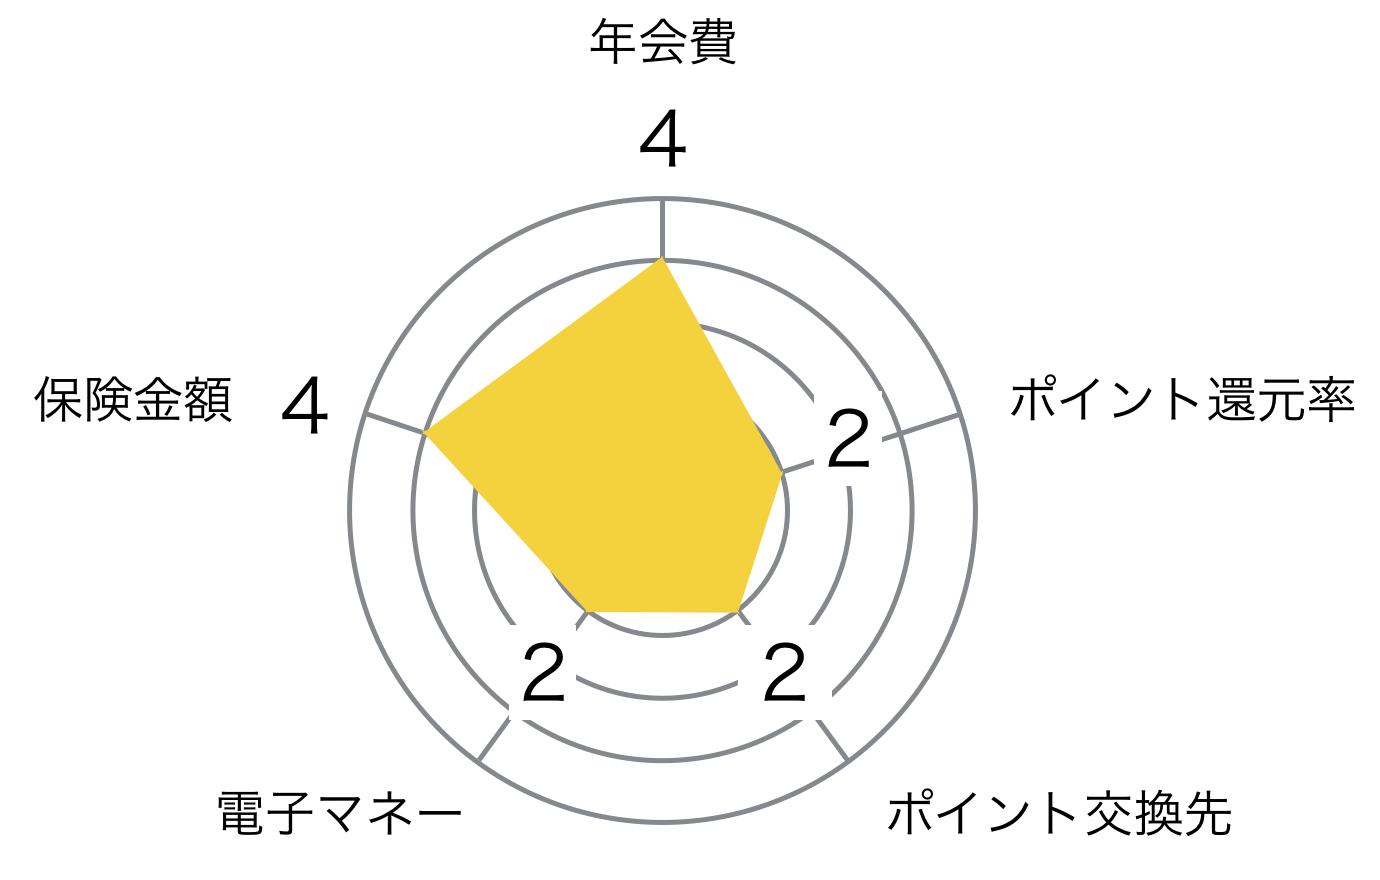 ジャックスカードゴールド レーダーチャート